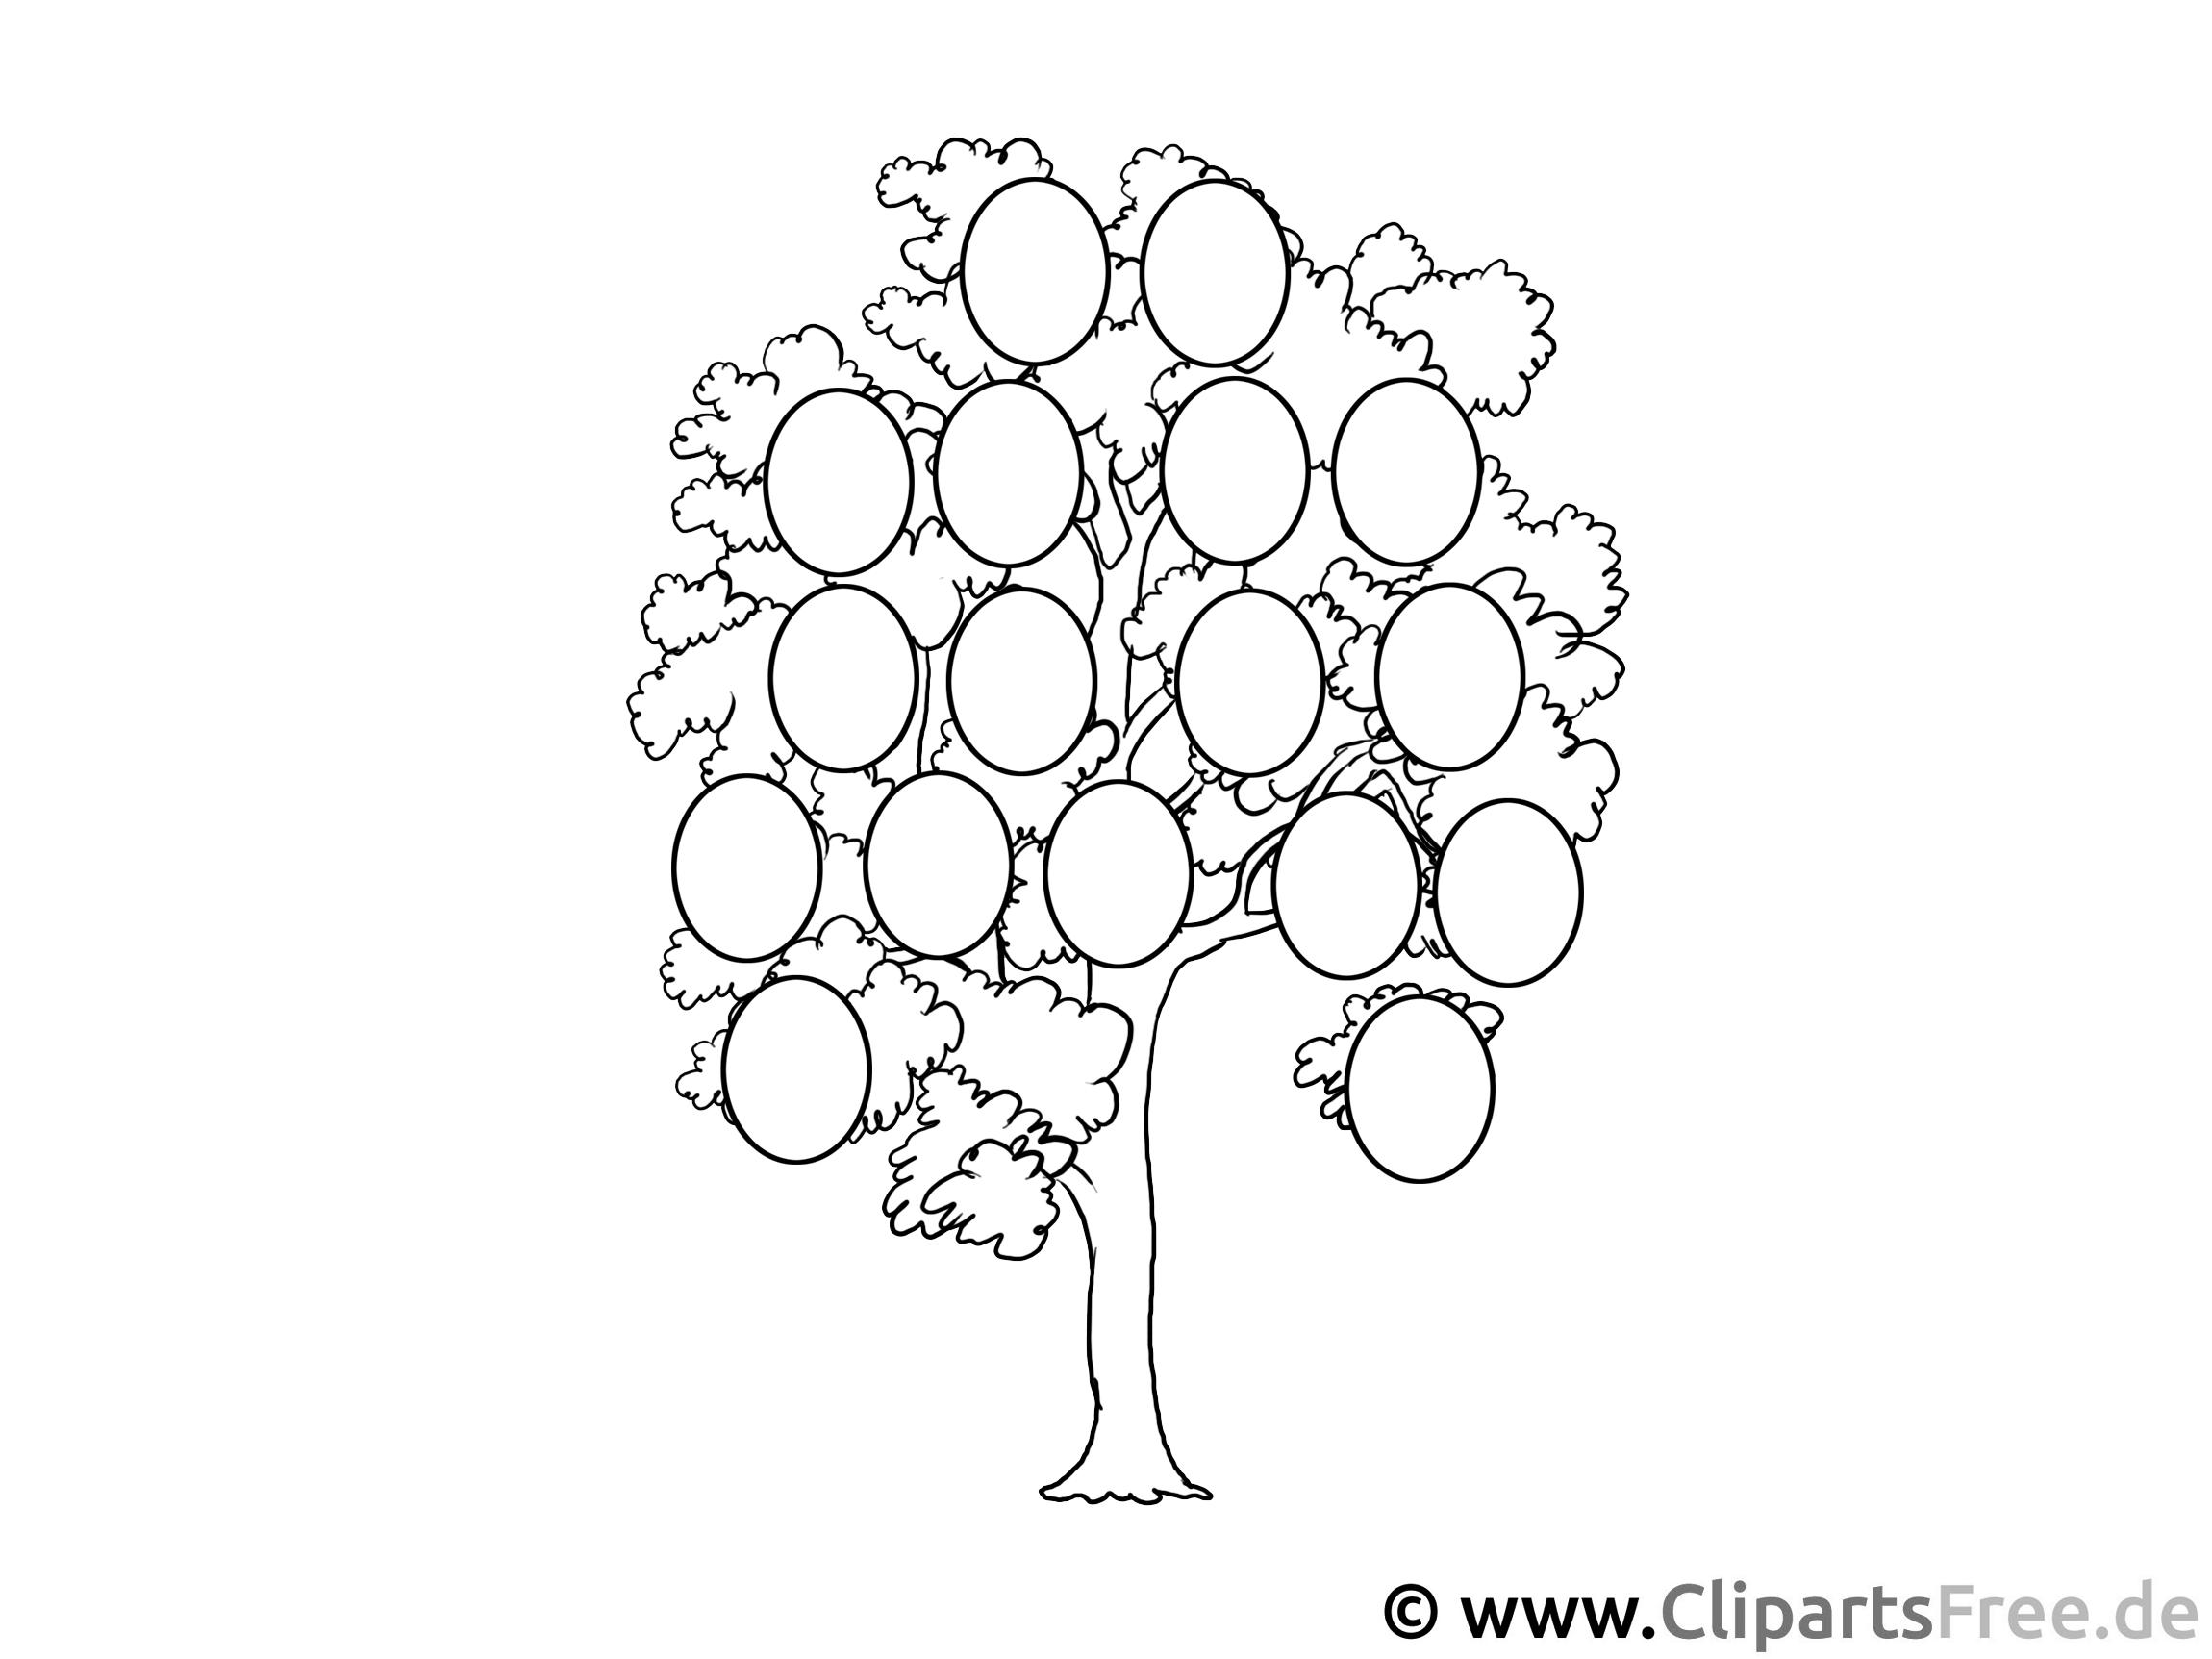 Stammbaum bild zum ausmalen for Stammbaum zum ausdrucken